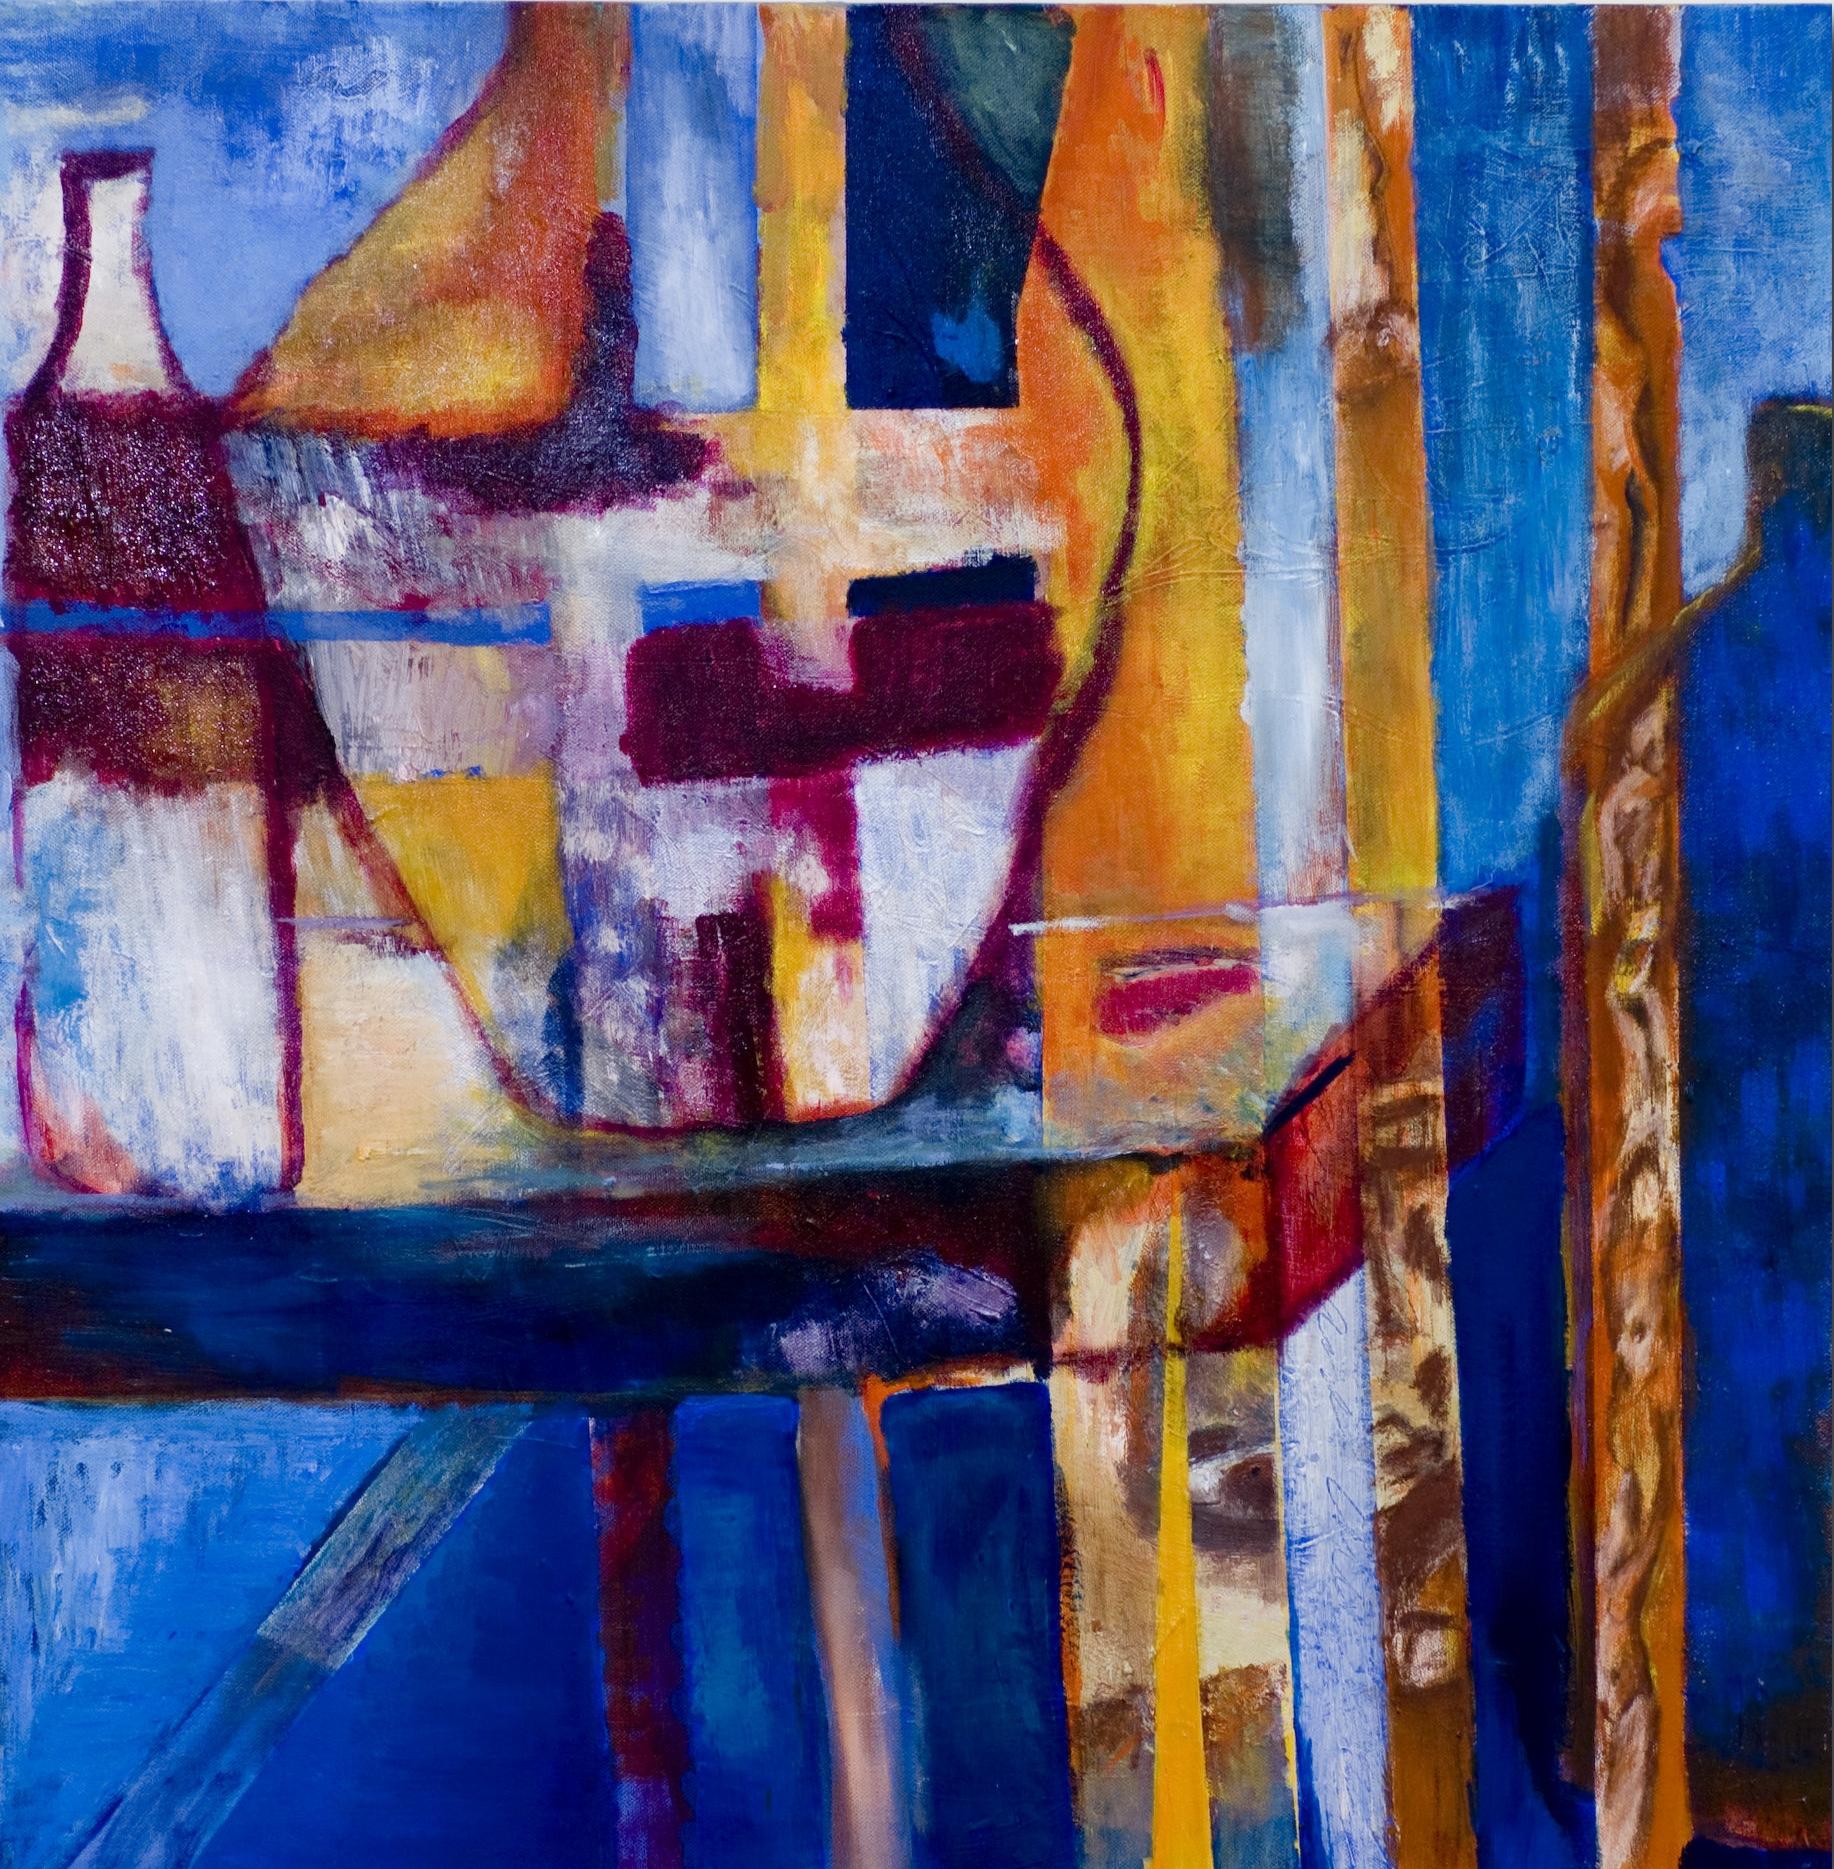 Lucy Art exhibition 2 008.jpg